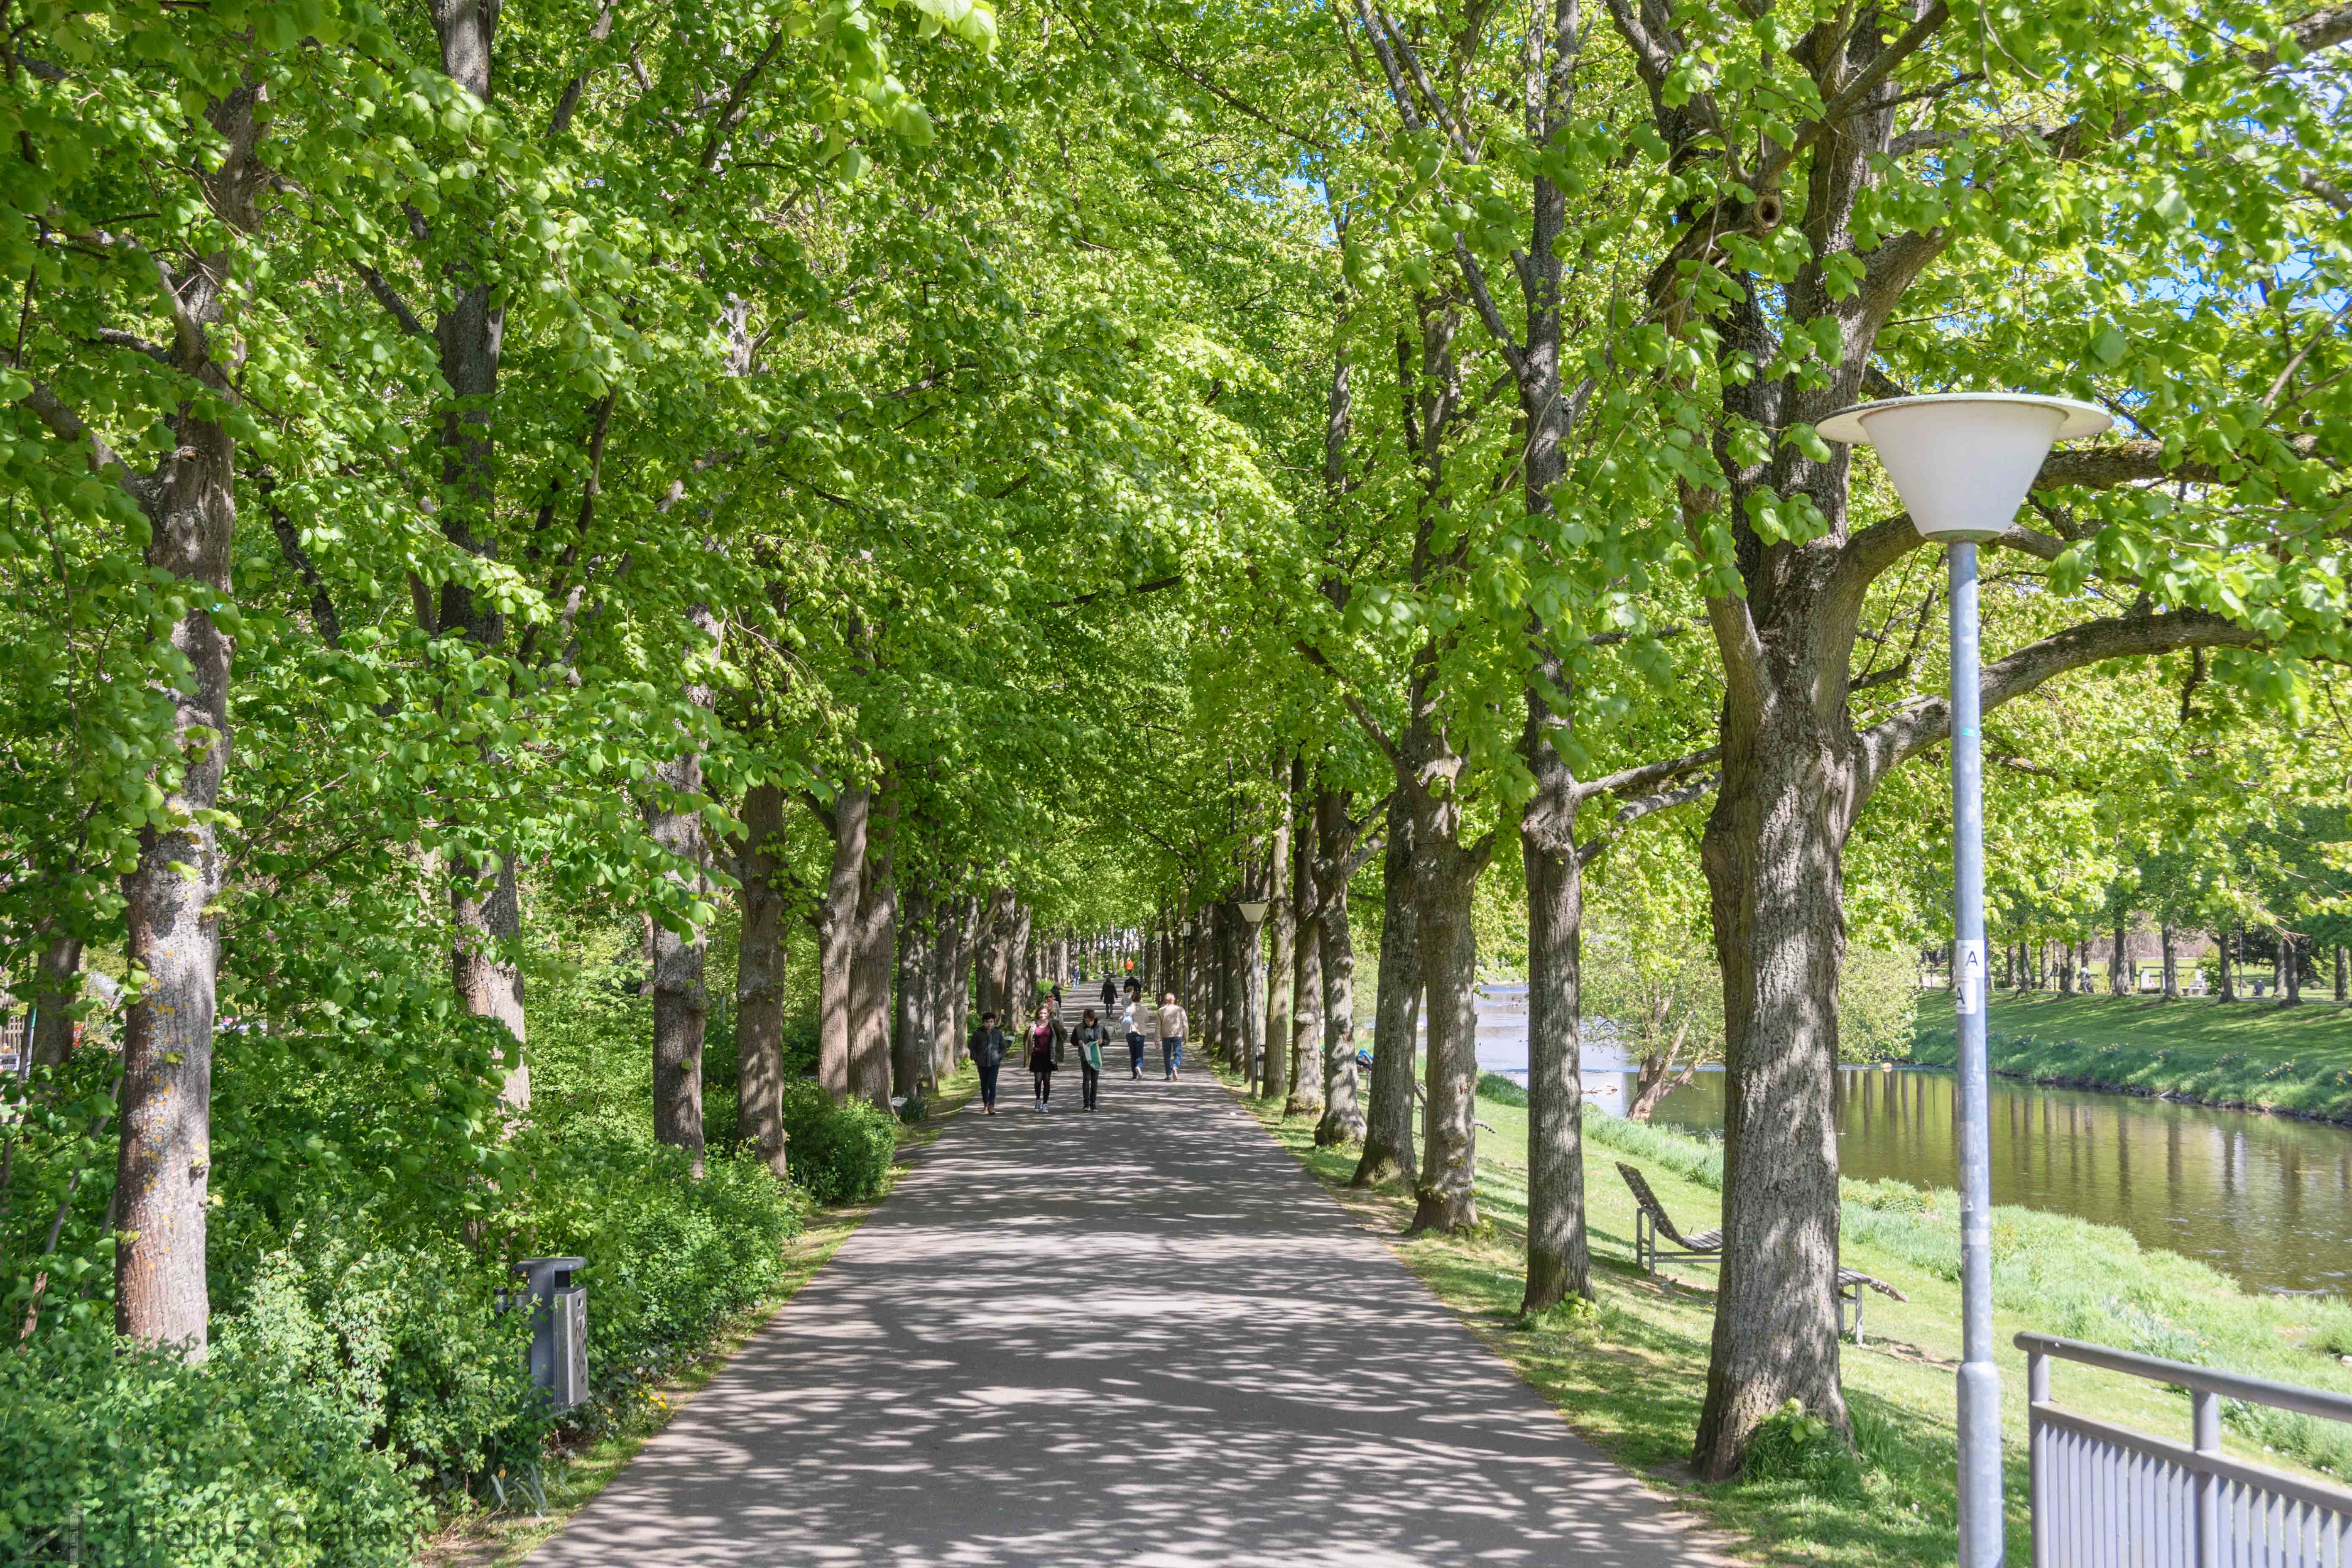 Kaiserin-Auguste-Viktoria-Park